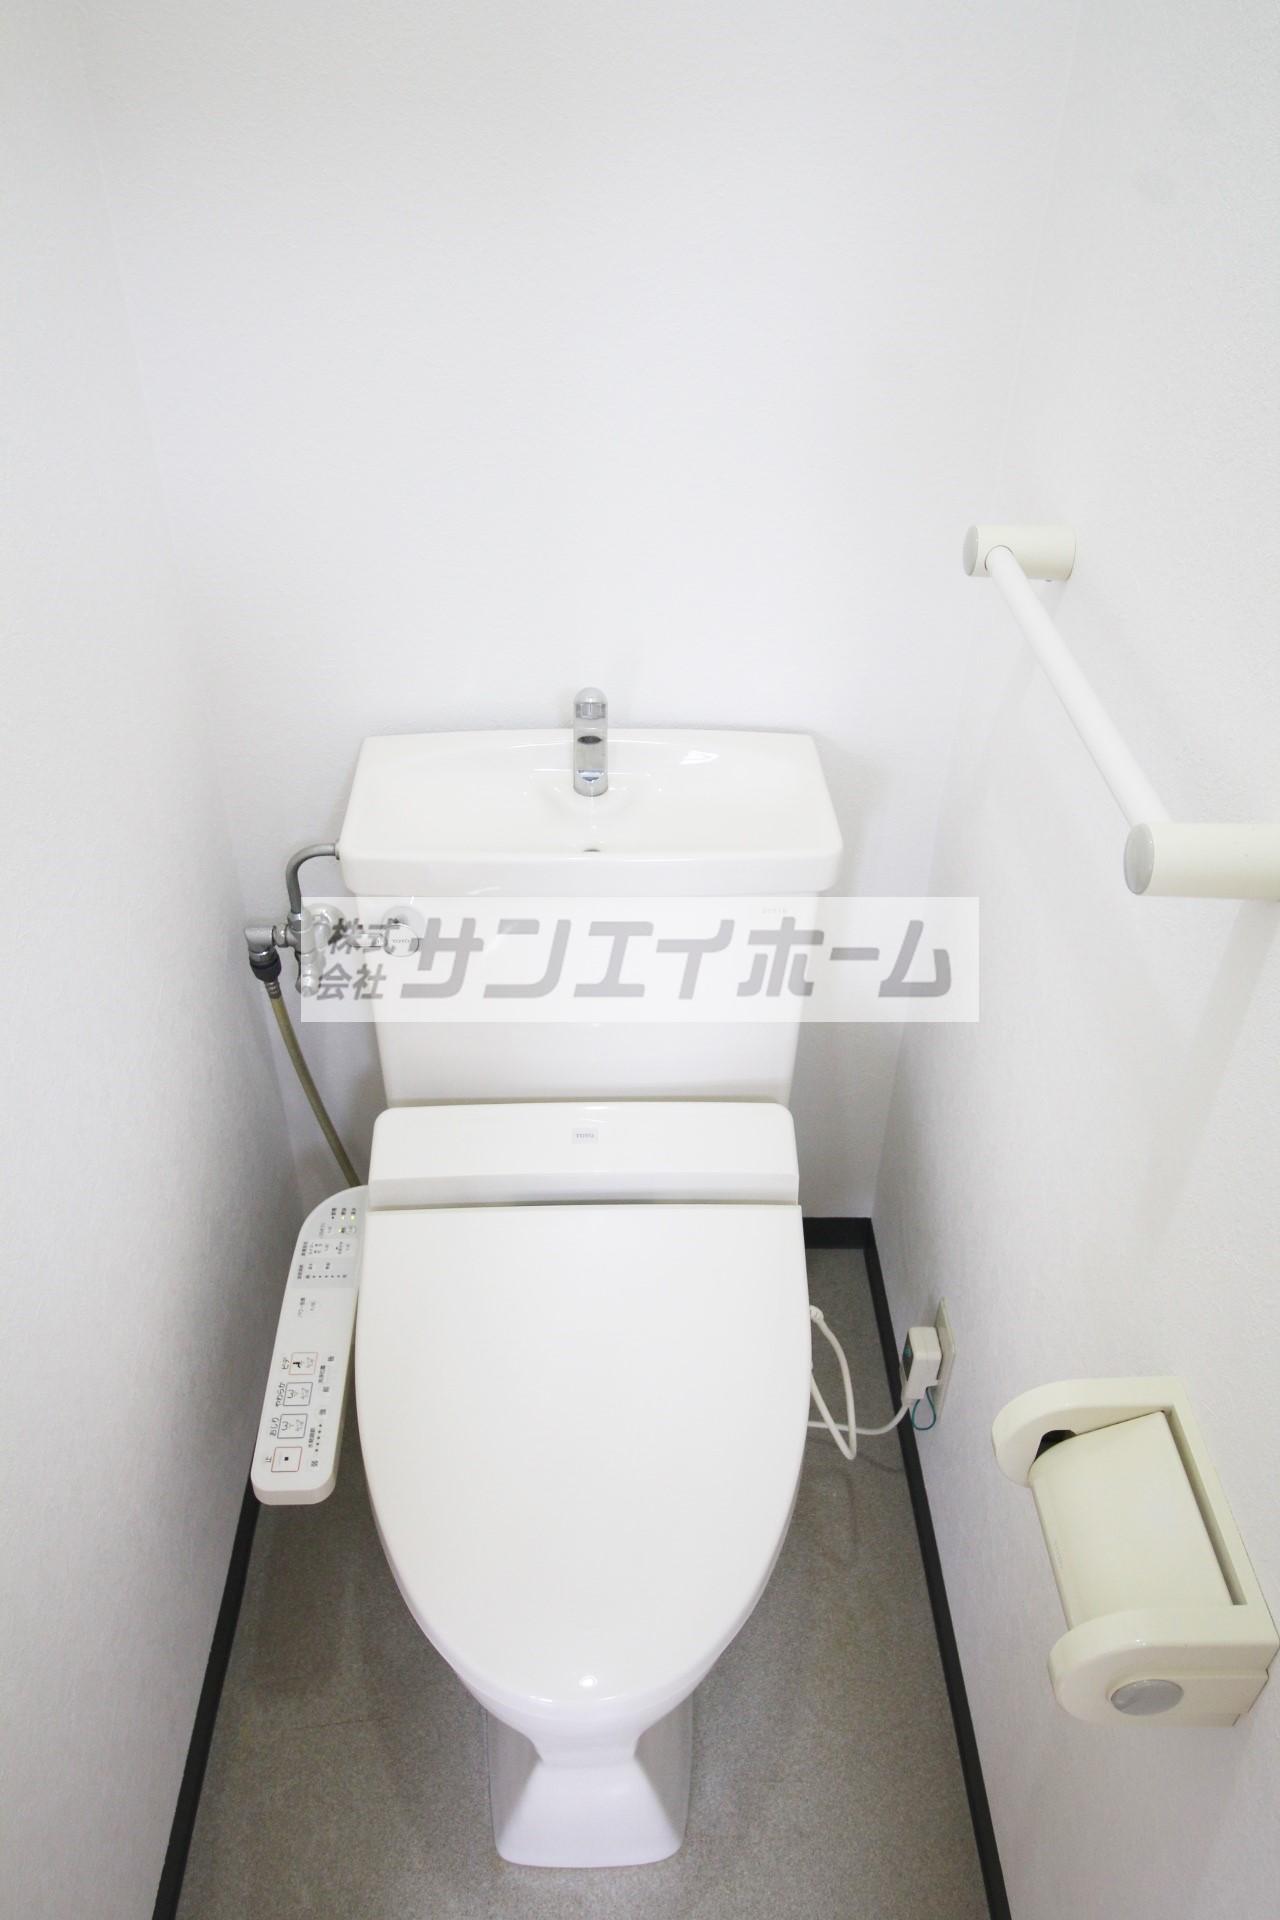 バストイレ別で、お手洗いはウォシュレット♪冬だっておしりはあったかい♪